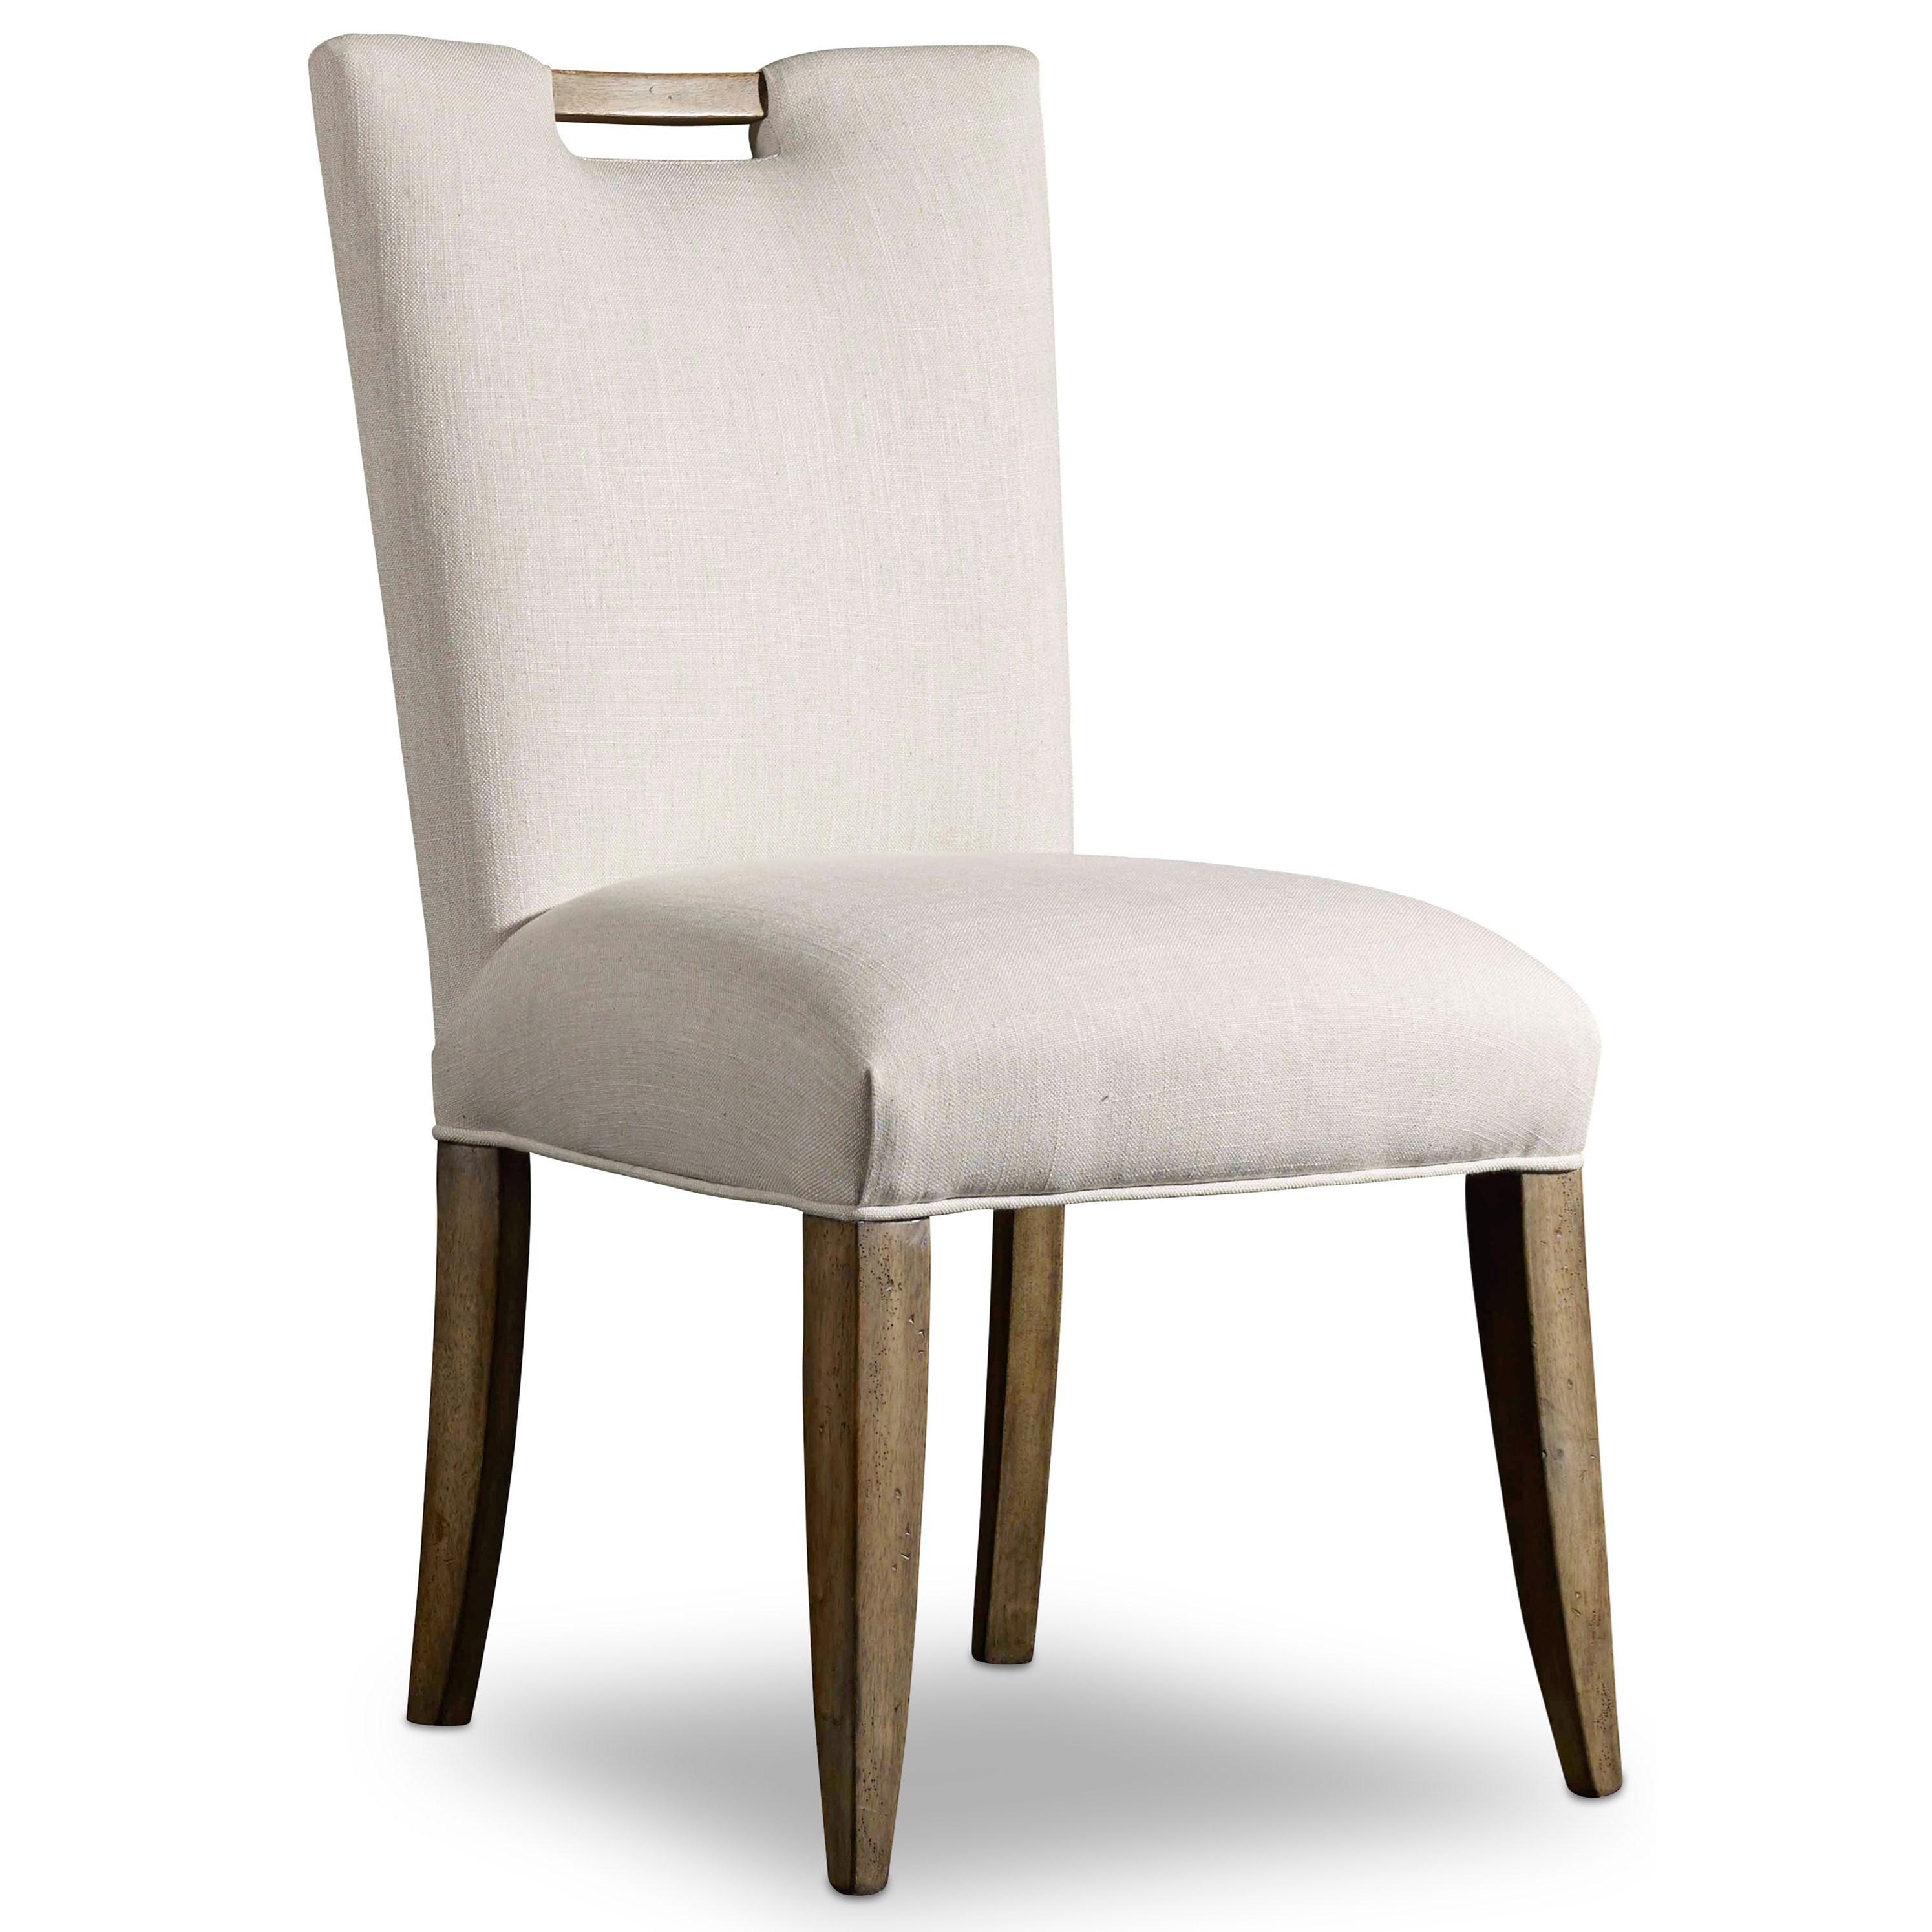 Hooker Furniture Mélange Barrett Upholstered Side Chair - Item Number: 638-75135